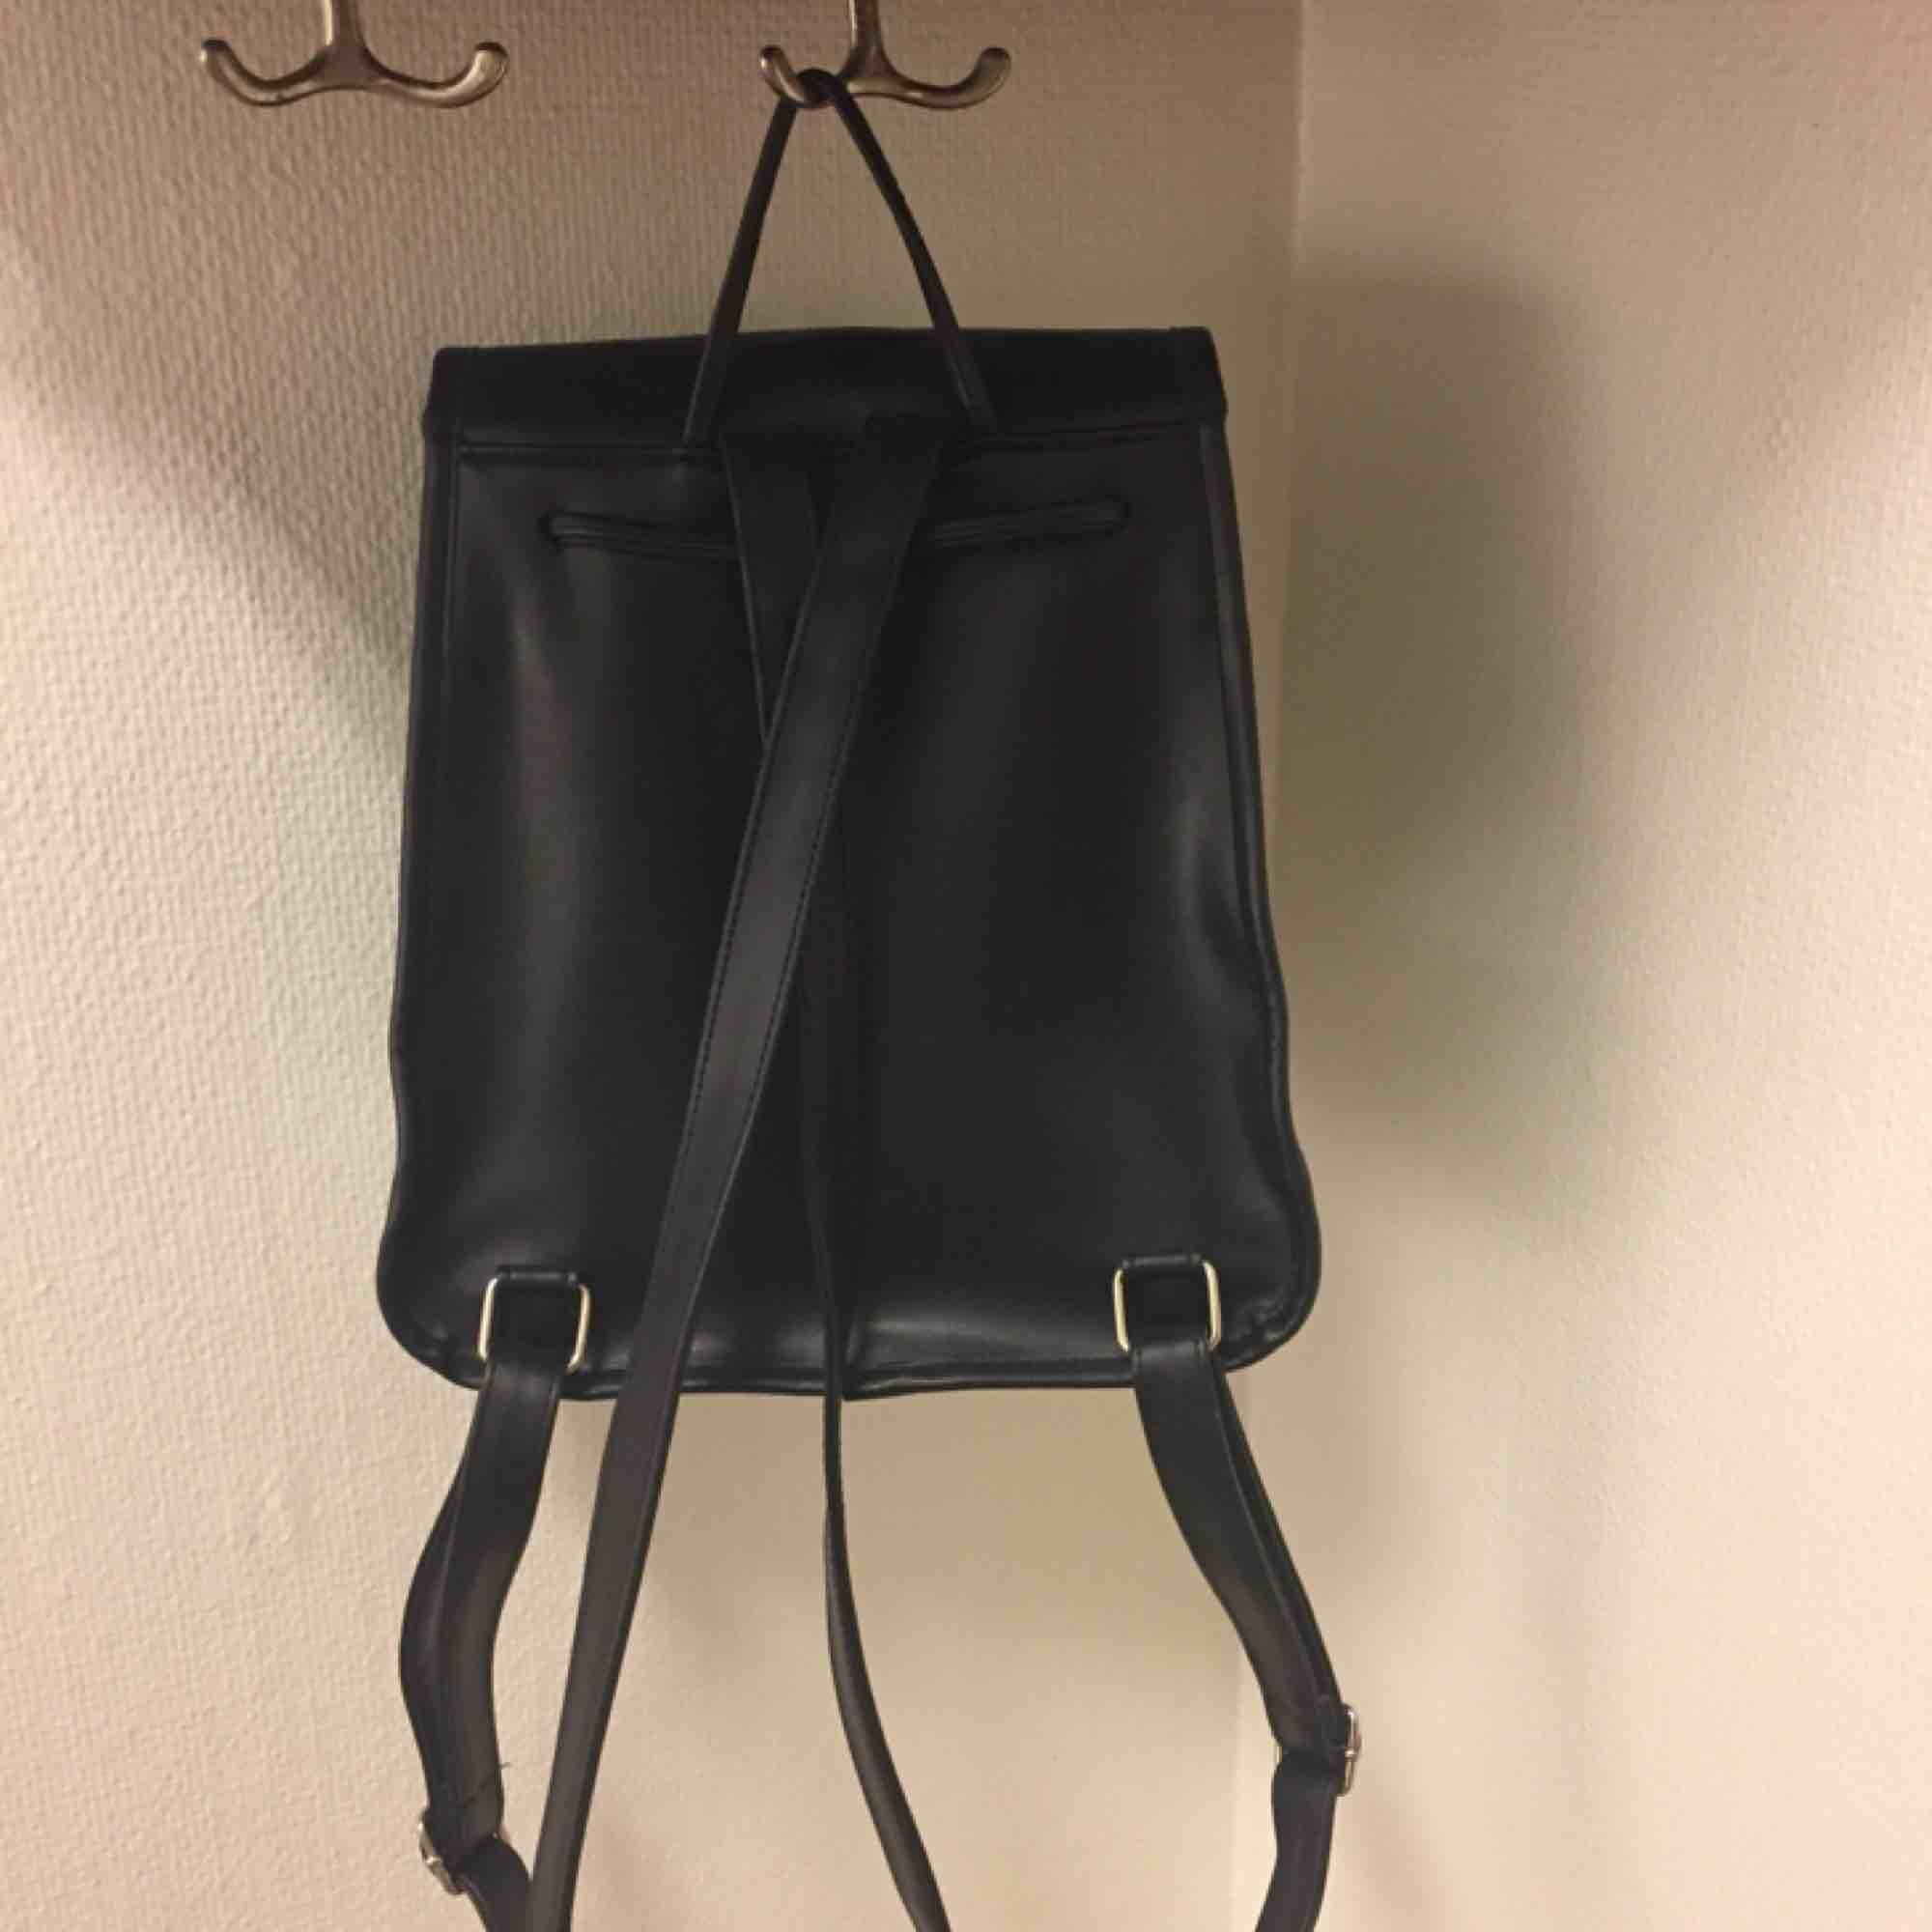 ✨🎒 STYLENANDA RYGGSÄCK 🎒✨ Fake skinn. Mått: höjd ca 24cm, bredd ca 21,5cm, djup ca 12cm. Frakt tillkommer på 63kr. Väskor.